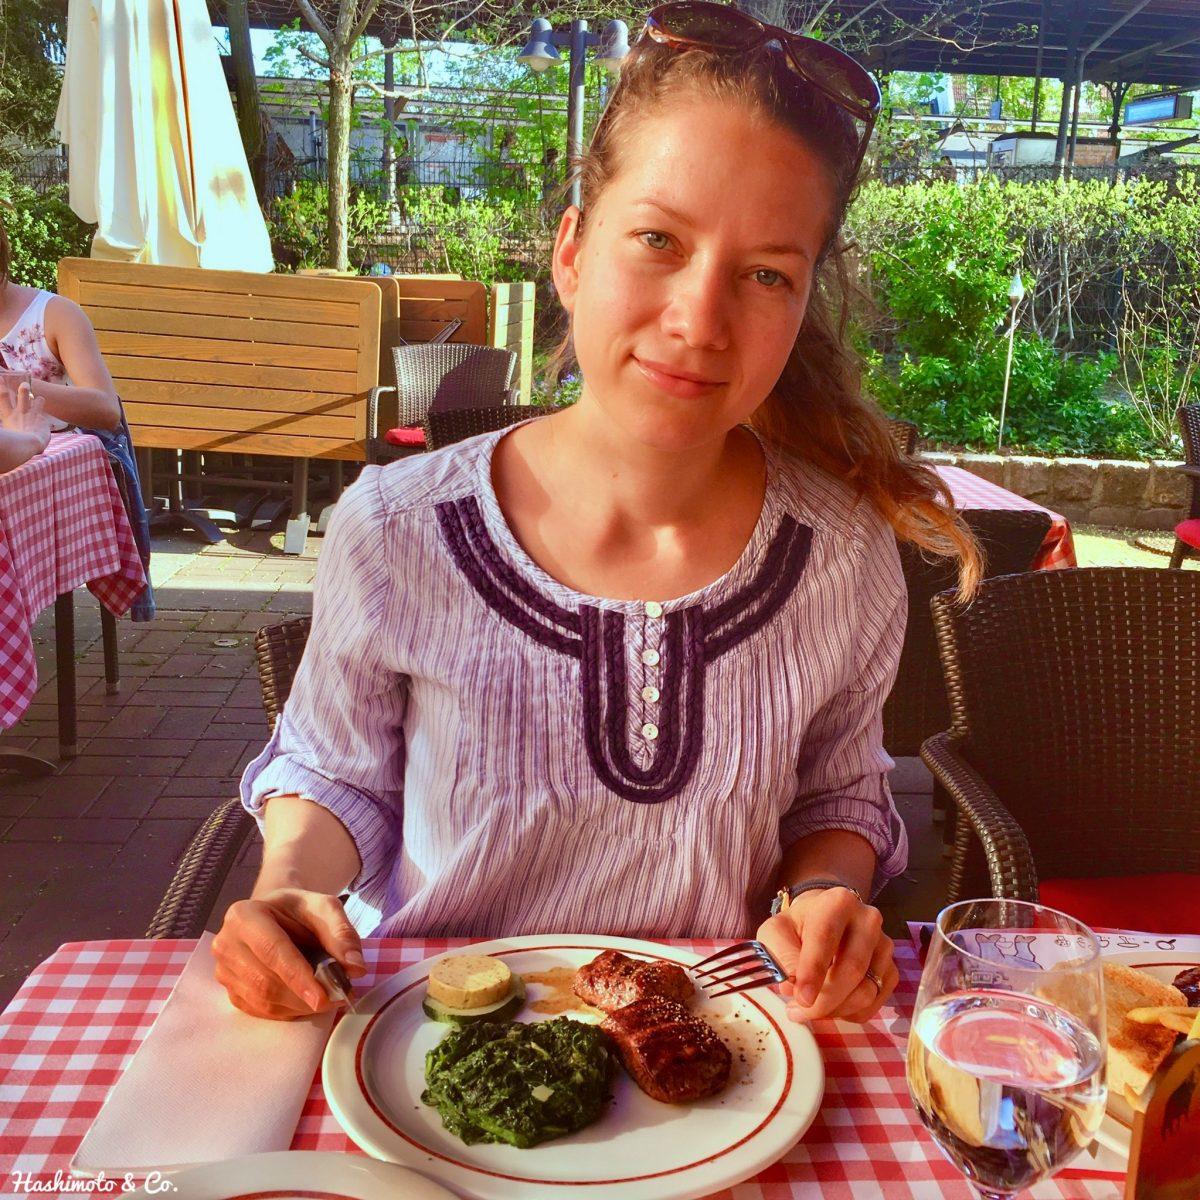 Meine Erfahrungen mit der Wiedereinführung von Nahrungsmitteln im AIP